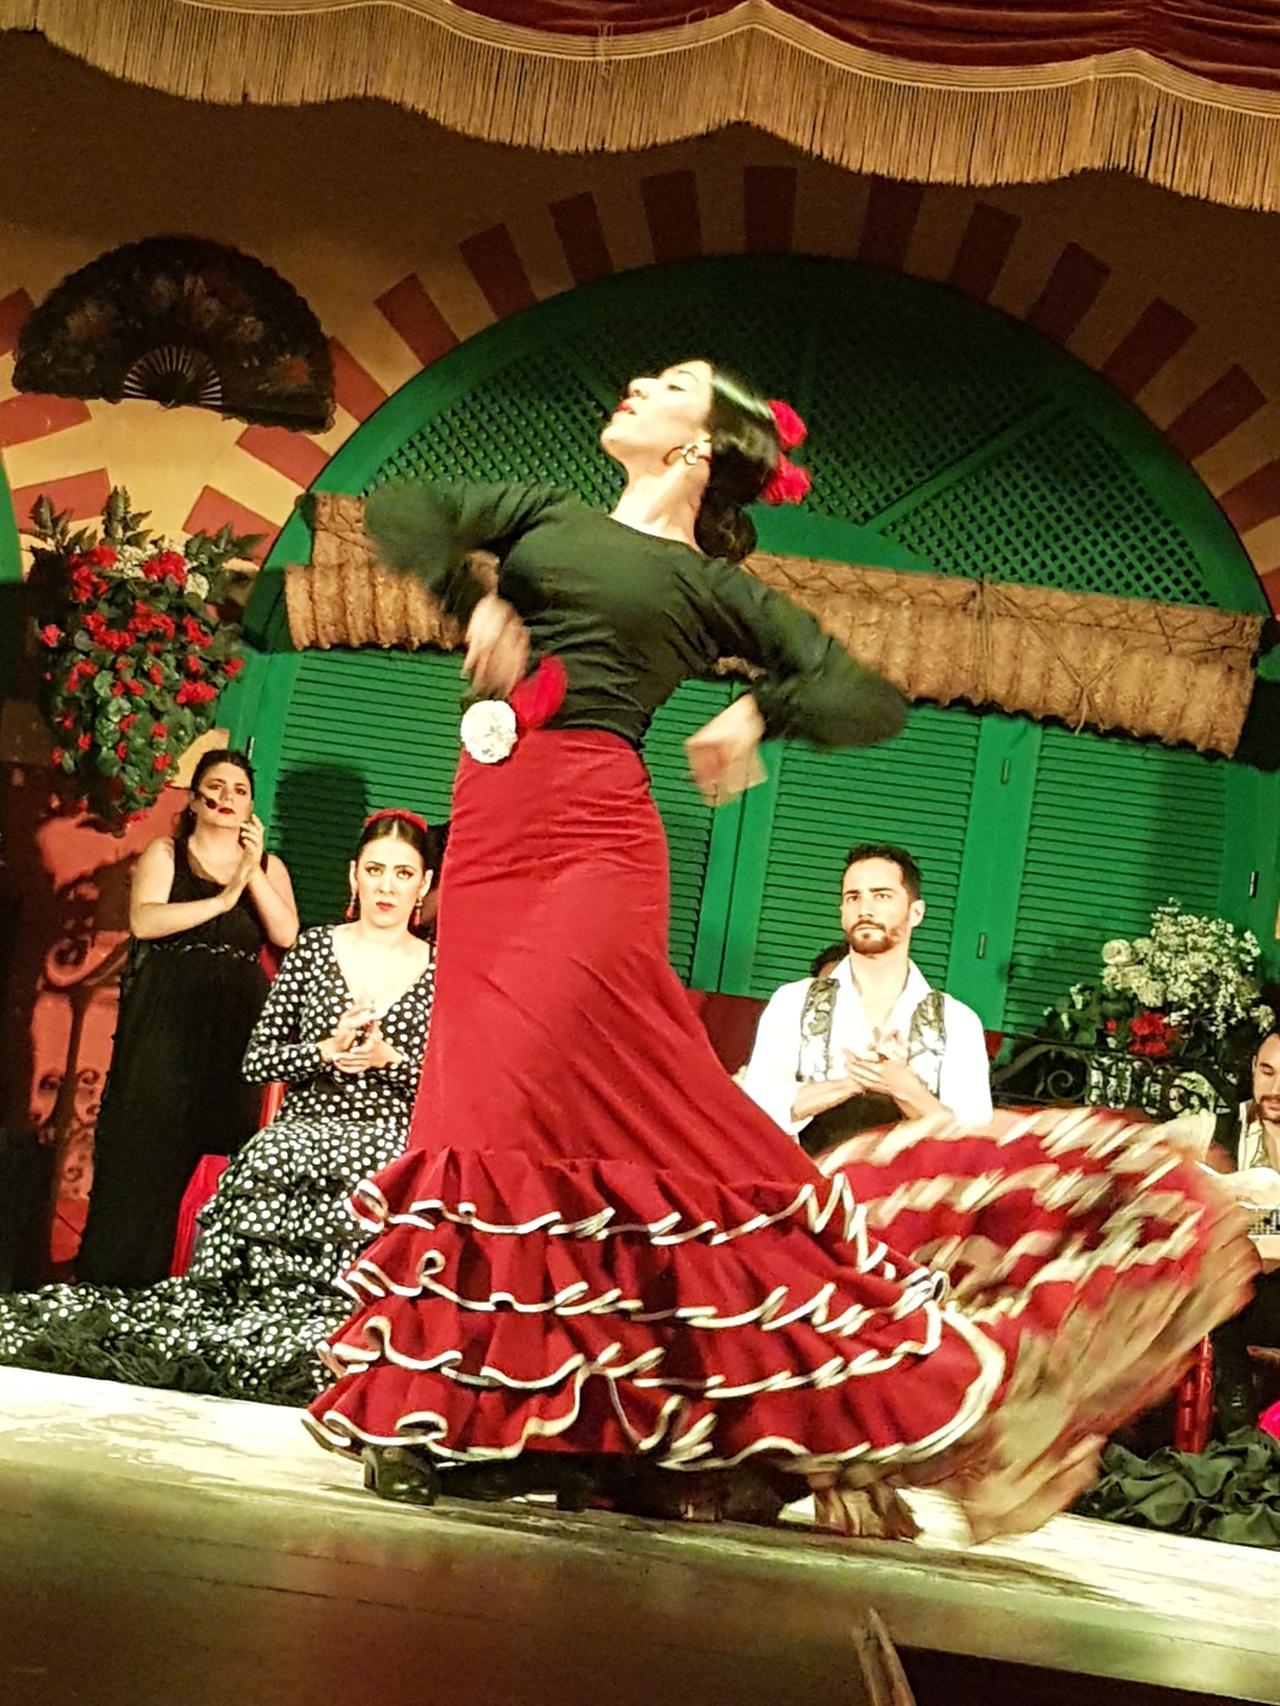 여성 무용수는 요정이 춤을 추는 듯한 현란한 몸짓으로 관객들의 마음을 사로잡습니다.